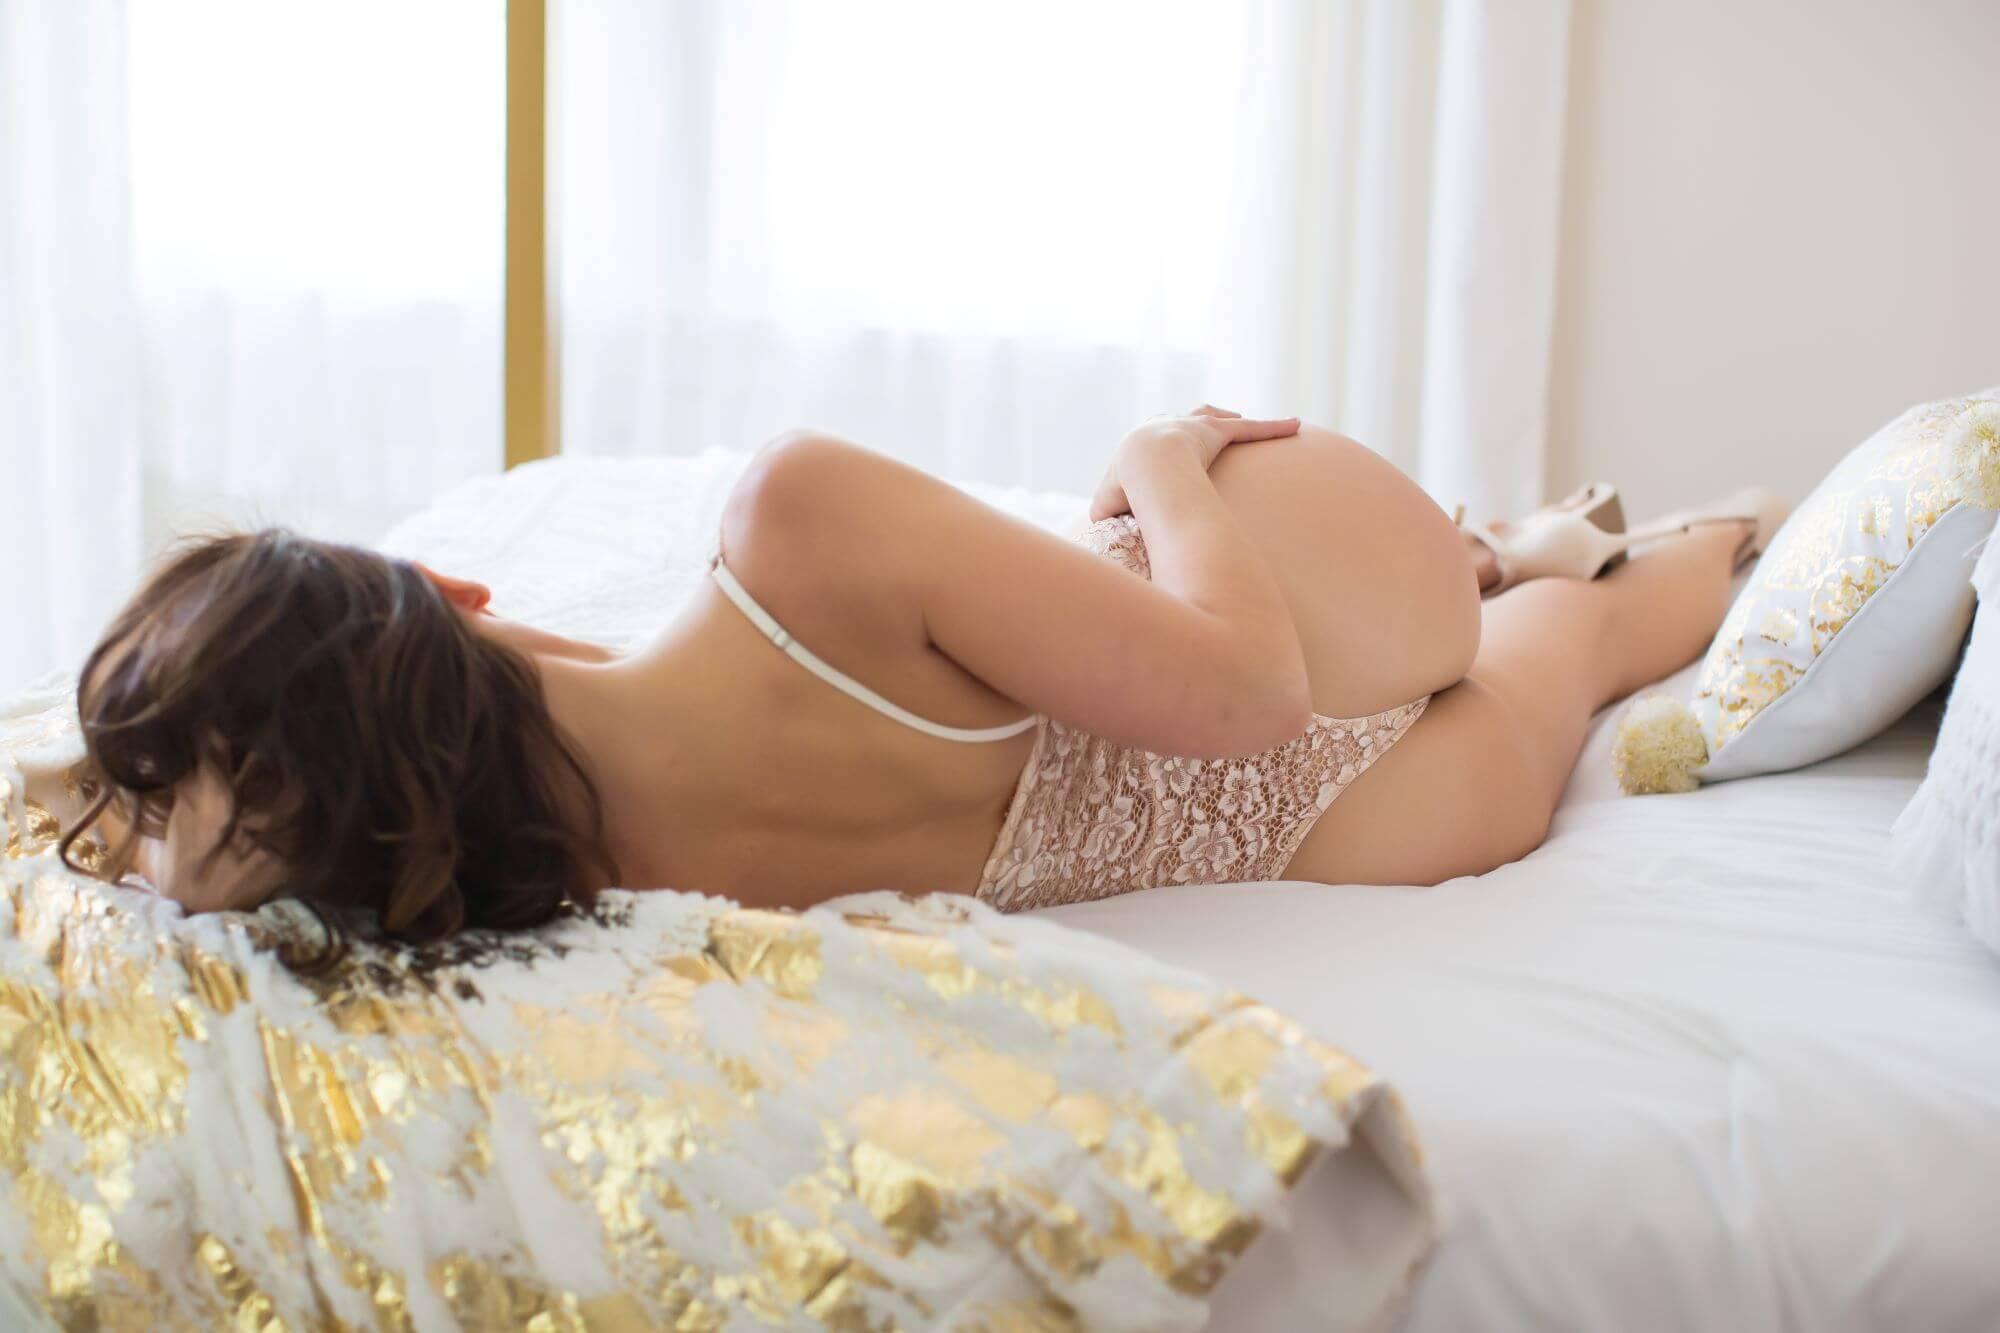 reighna charles lingerie bodysuit